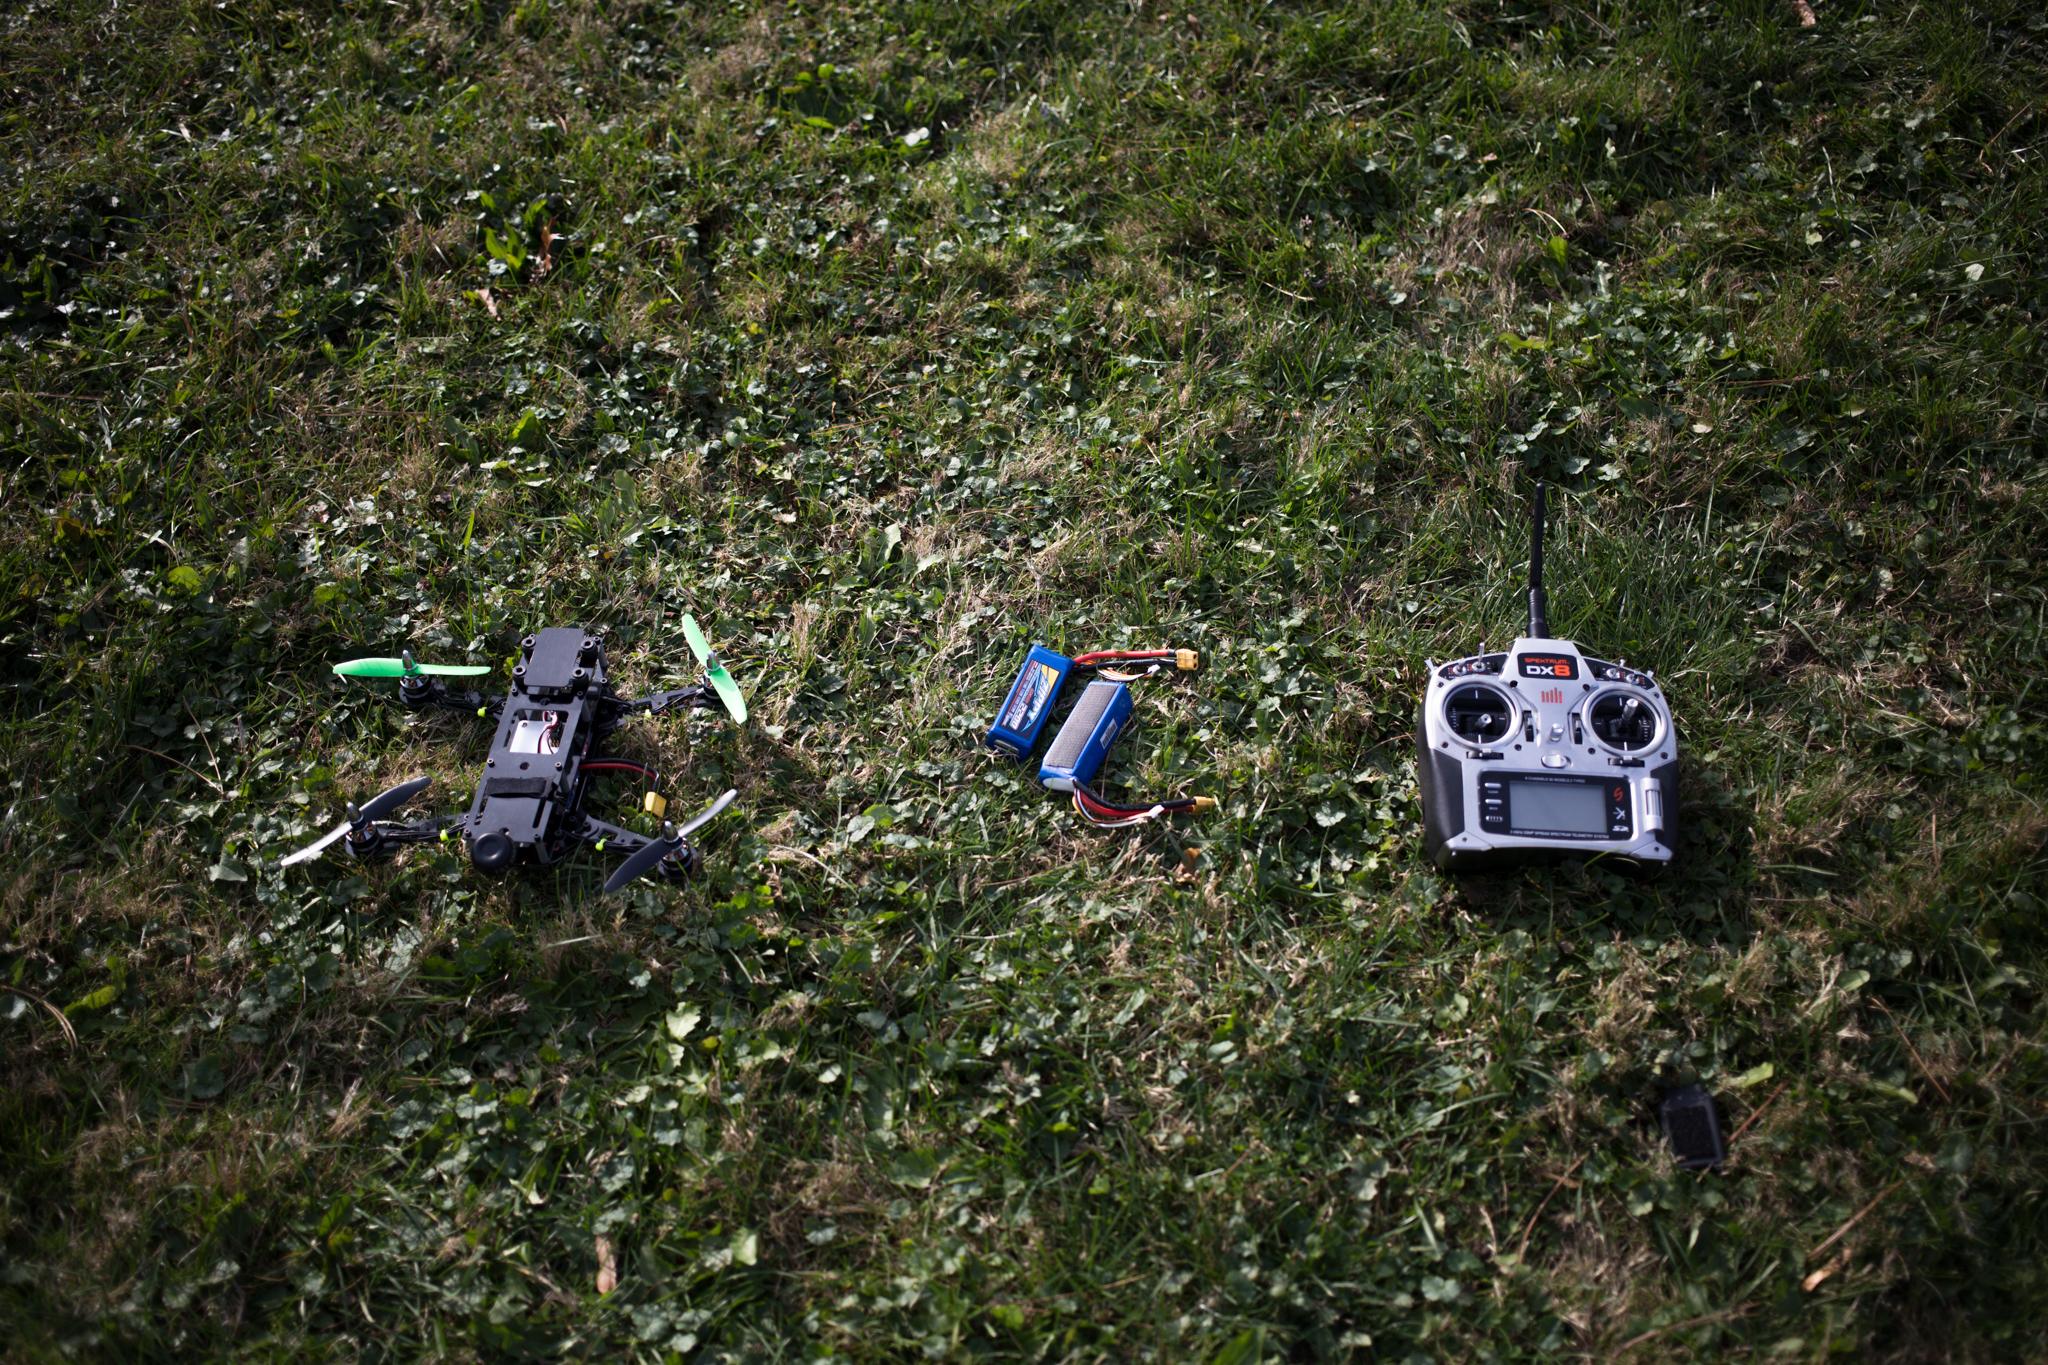 Stoll_Drones_1.jpg